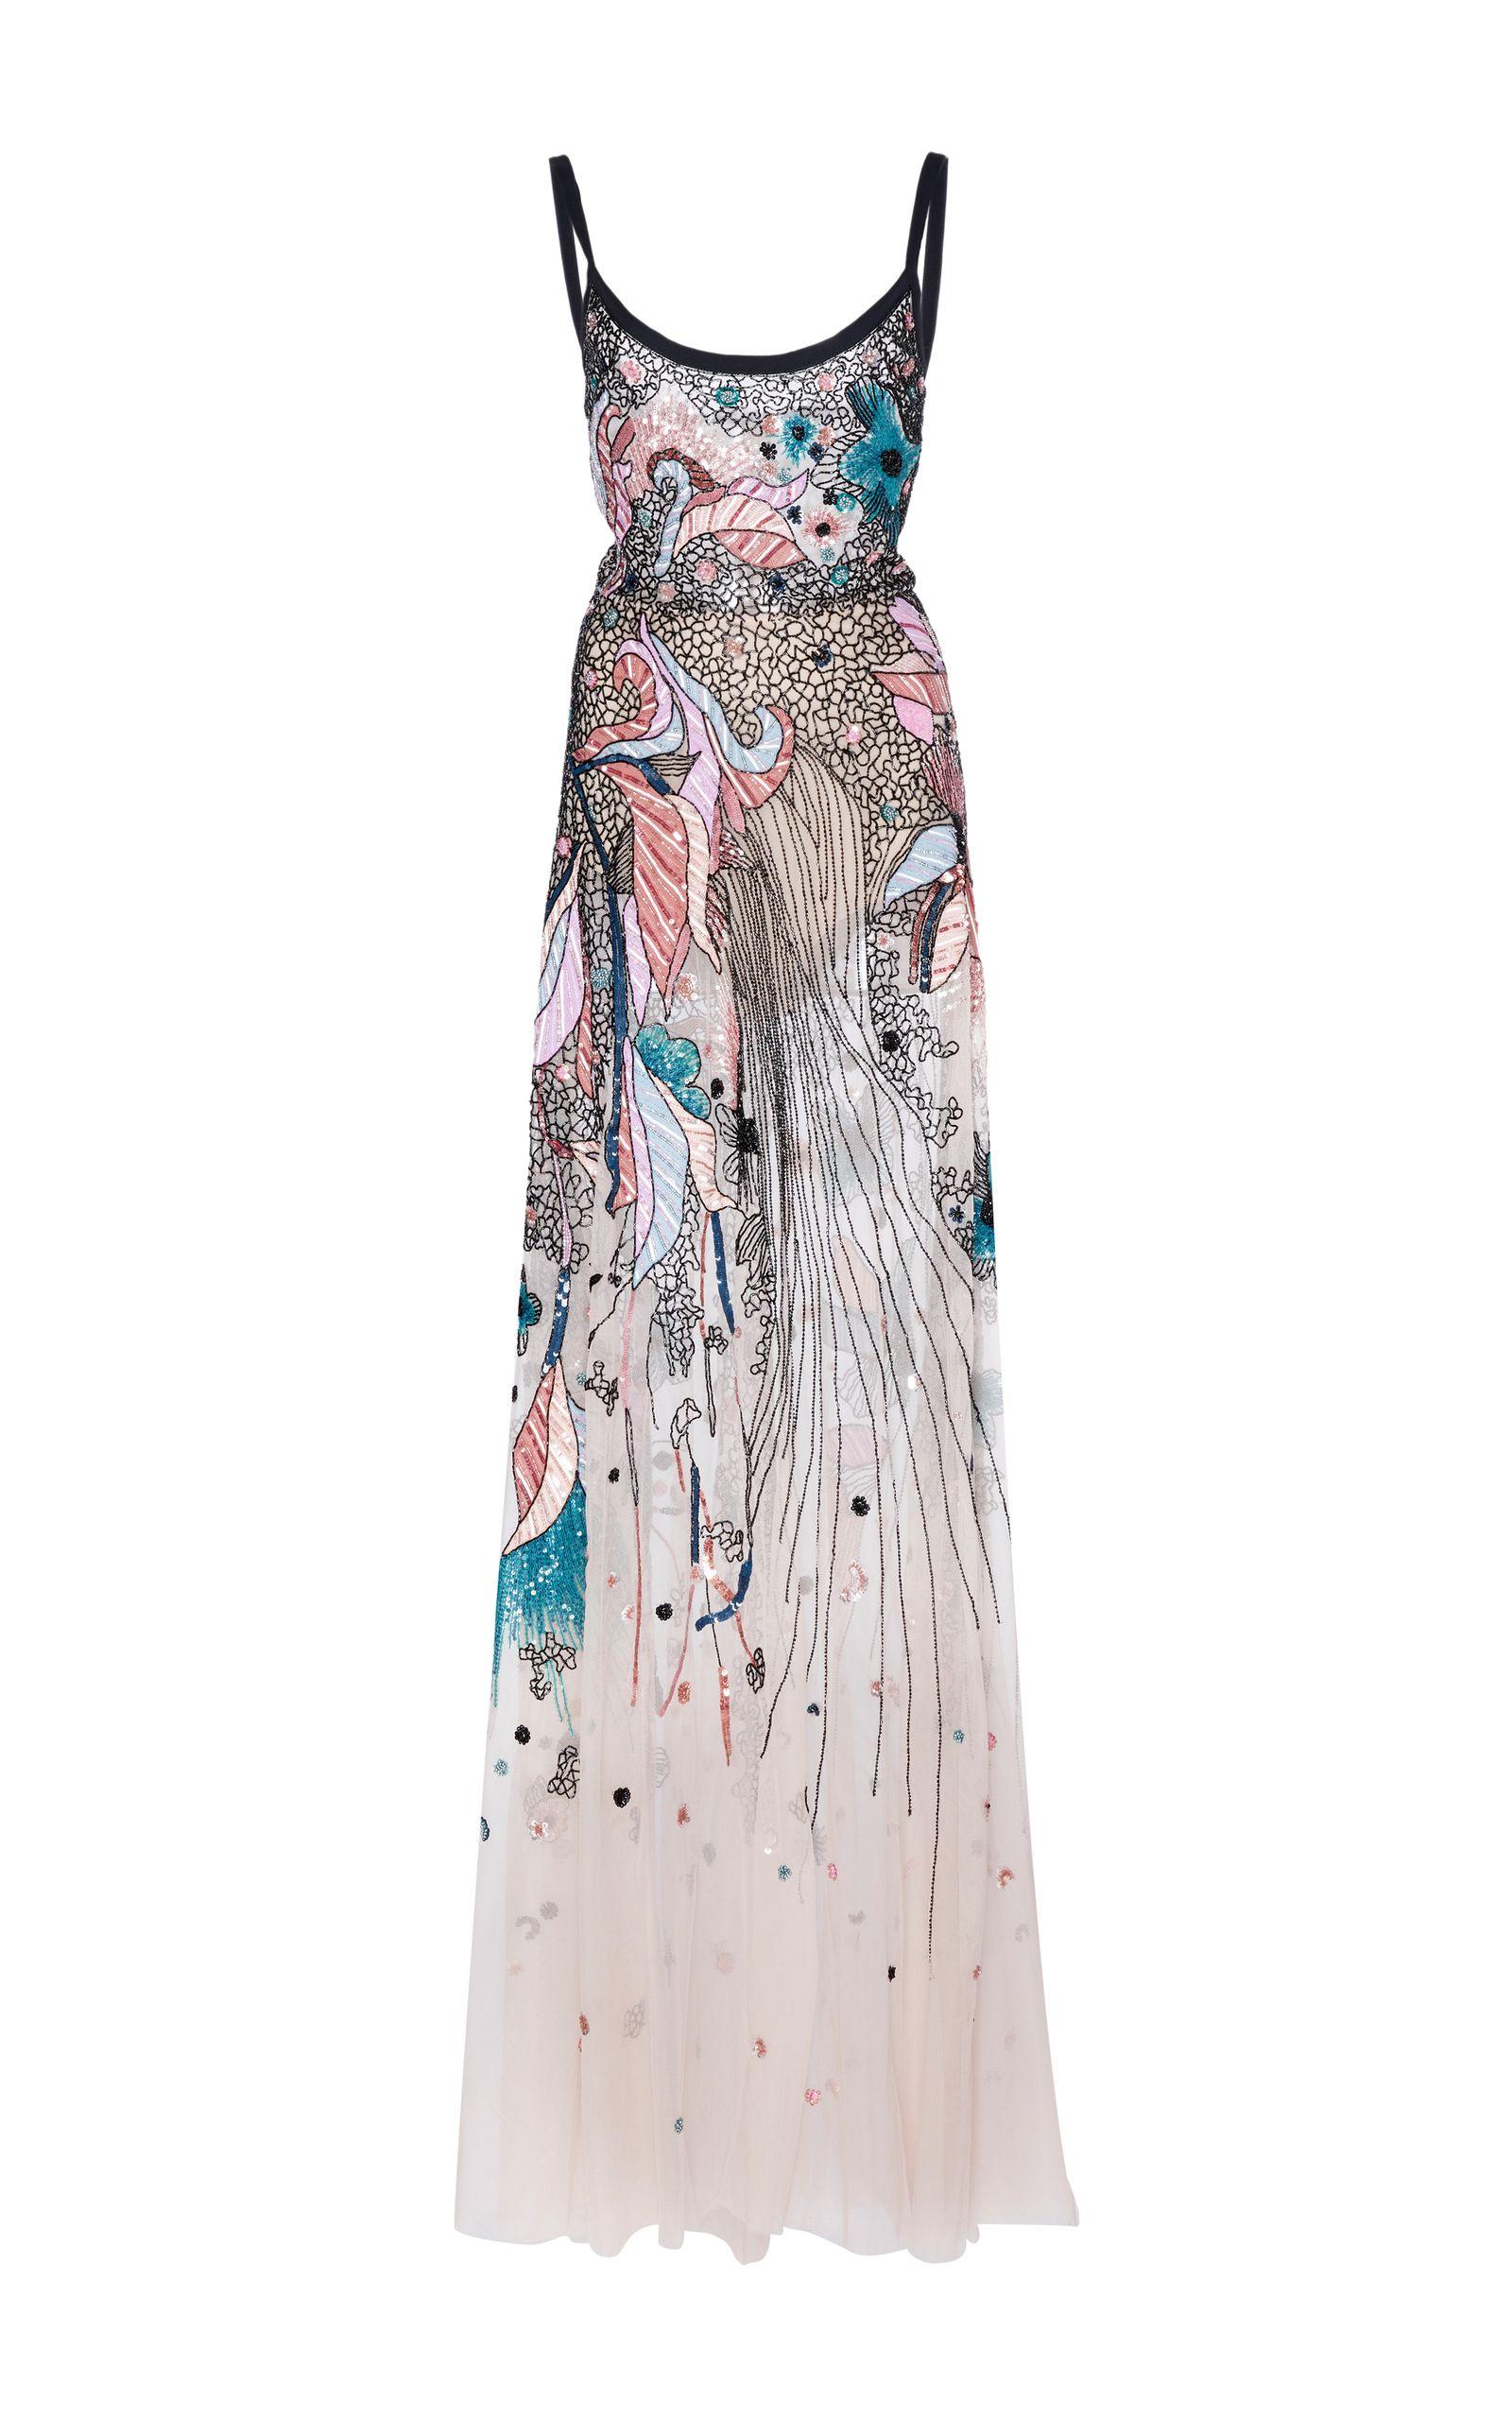 Colecciones de moda de Elie Saab para mujer |  Moda Operandi  – Moda